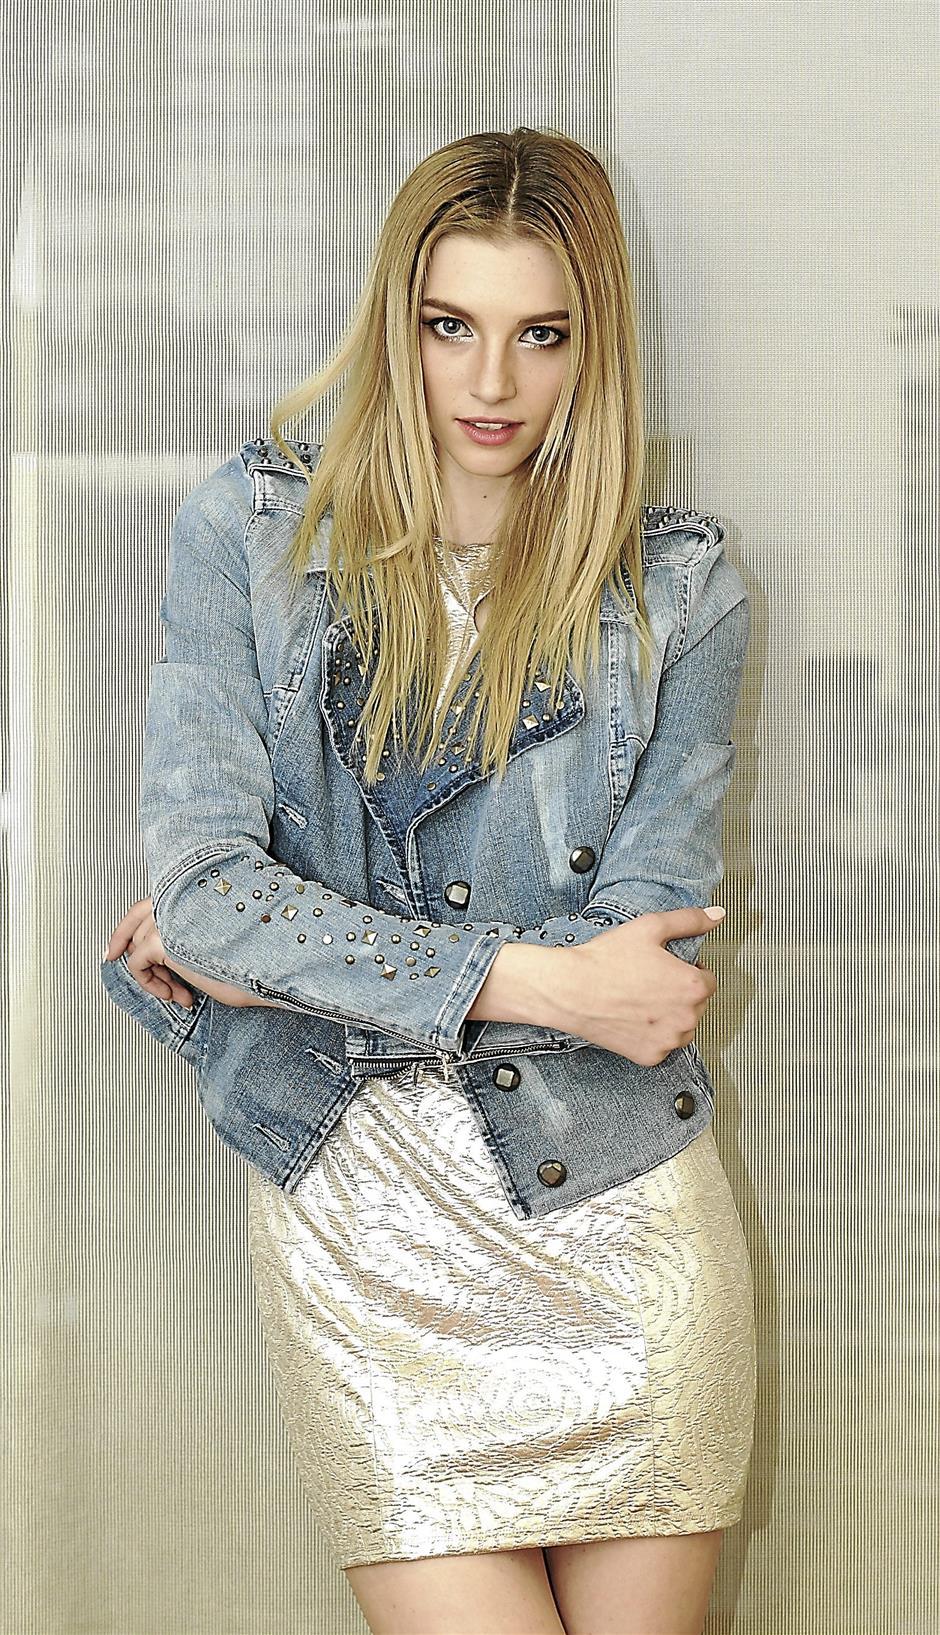 America's Next Top Model cycle 20 winner, Jourdan Miller.